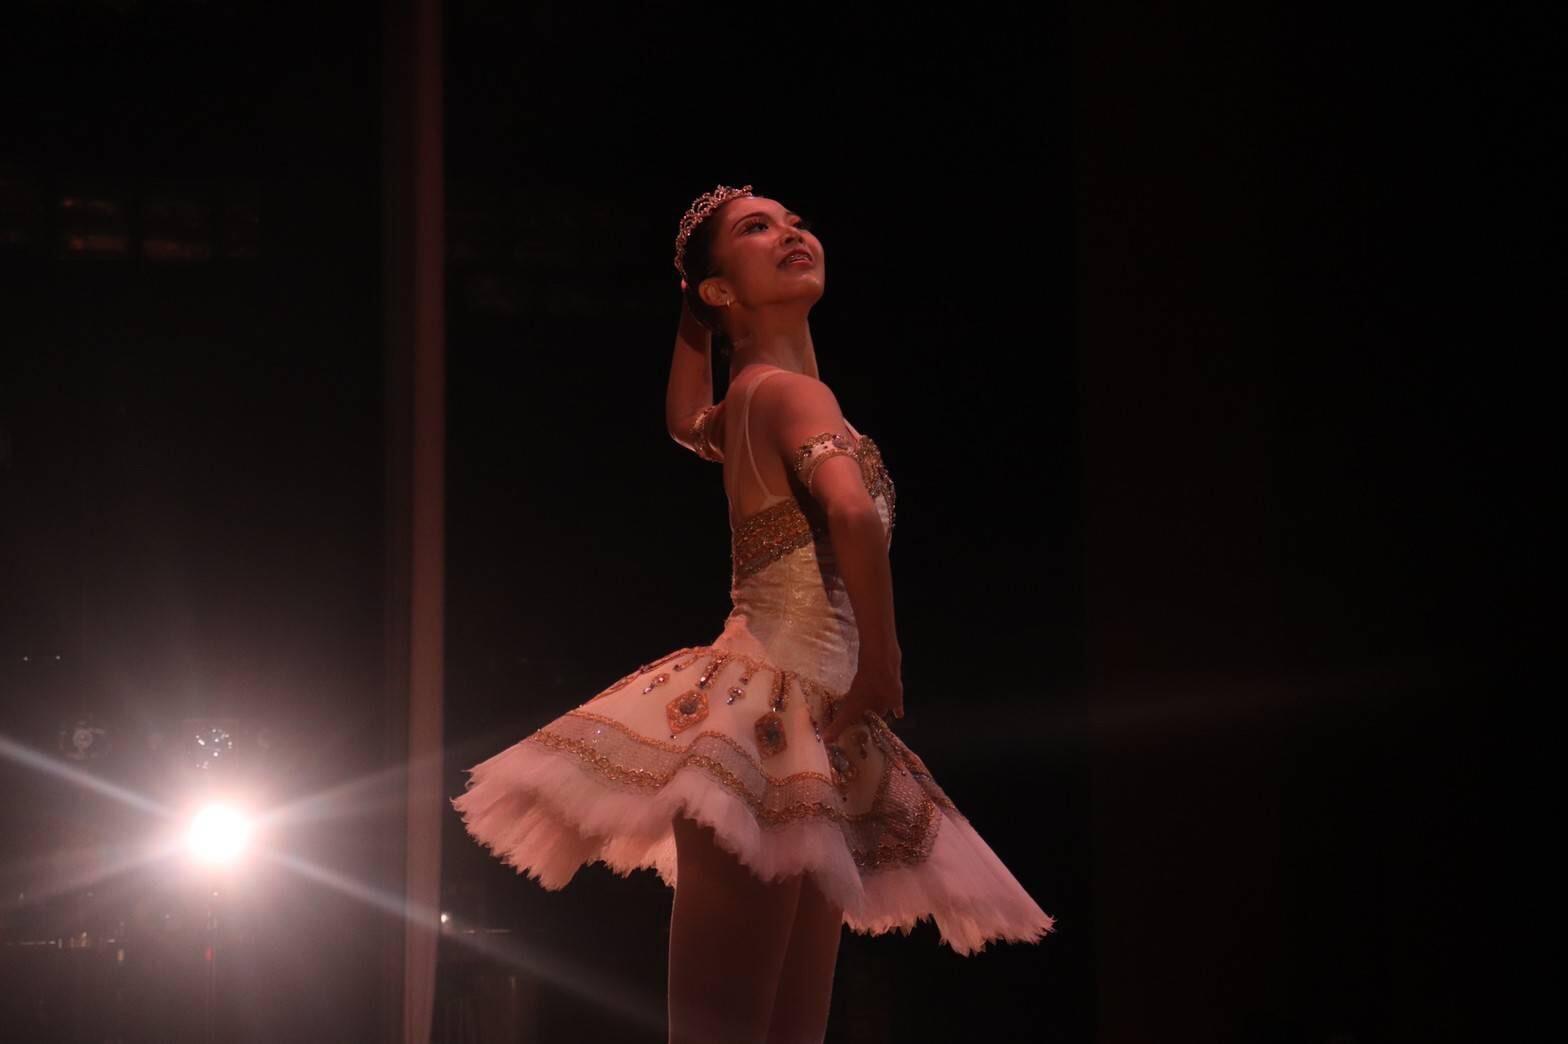 【SPOTLIGHT】ダンサーズ・ファイル〈10〉田中玲奈~「気がつけばいつでも踊っています」~